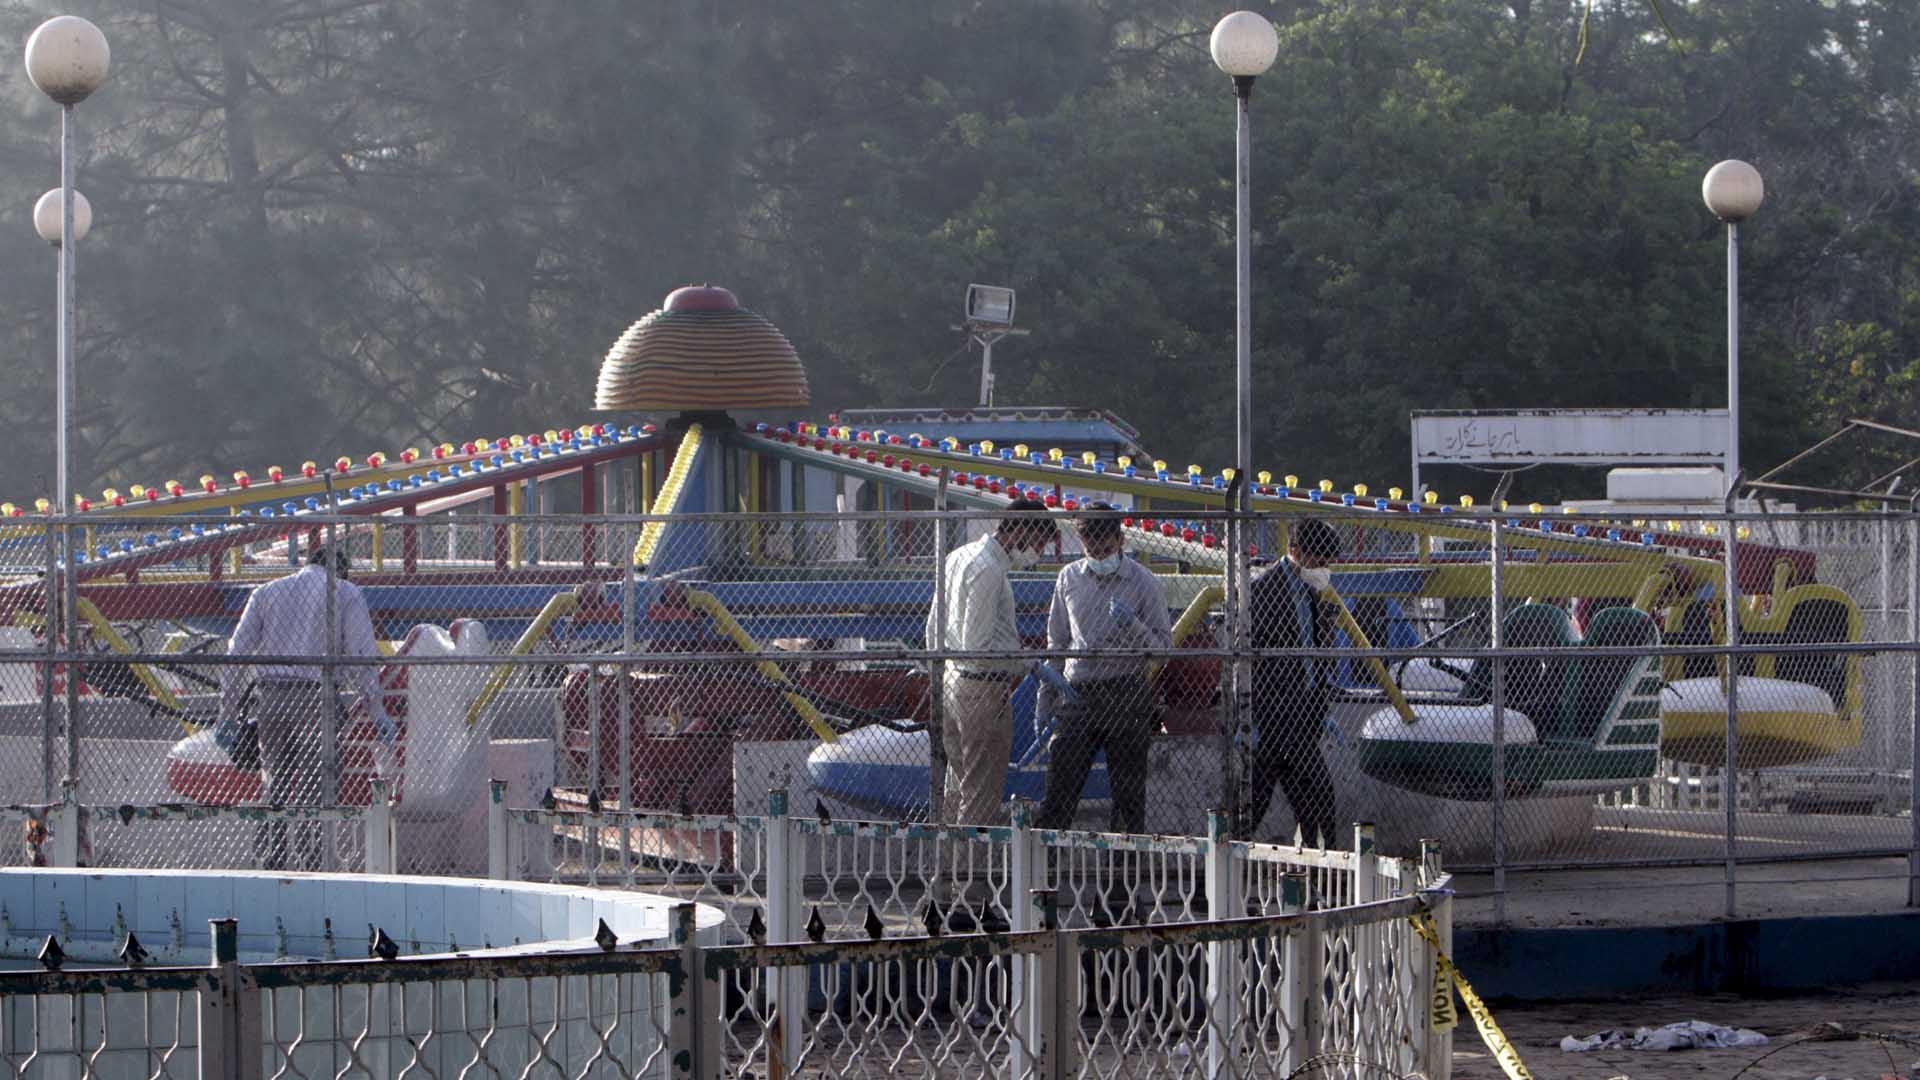 El atentado fue reivindicado por el grupo terrorista talibán paquistaní Jamaat ul-Ahrar